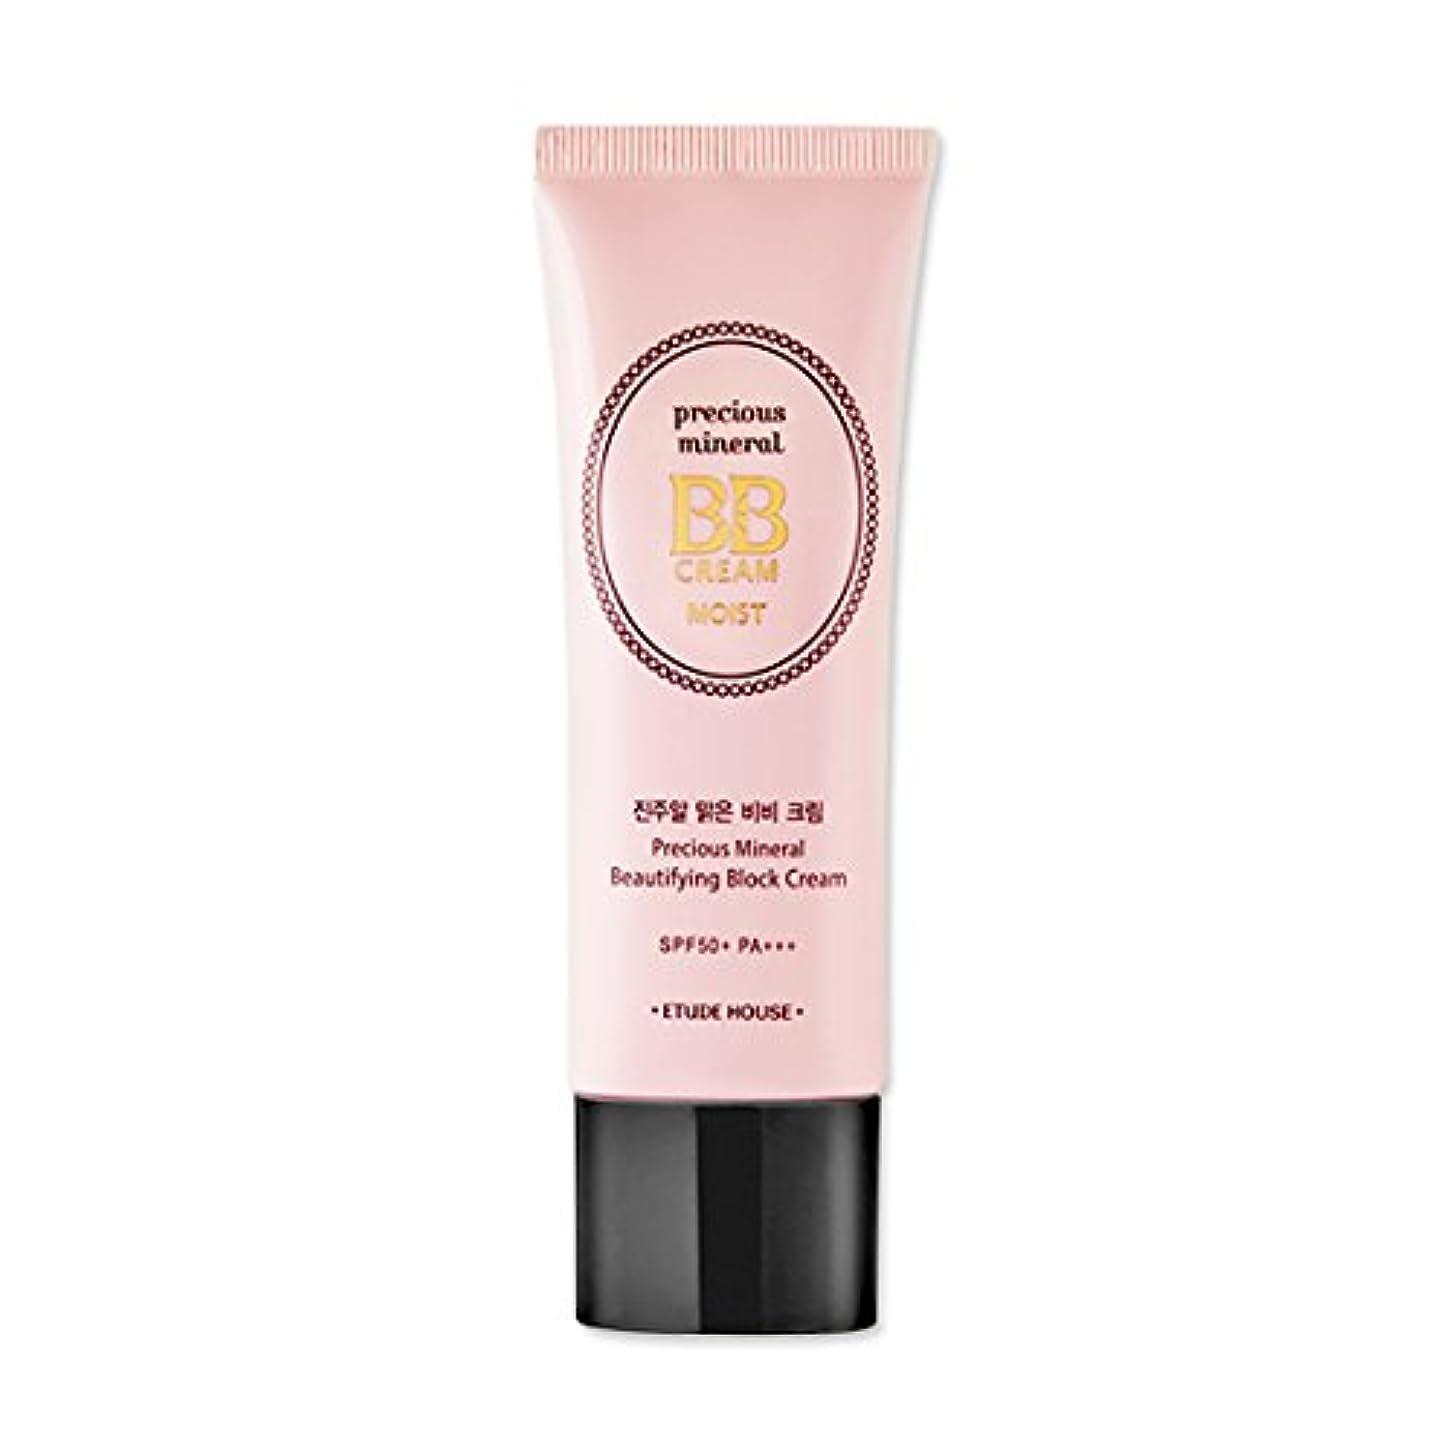 一流戦闘自分の[New] ETUDE HOUSE Precious Mineral BB Cream * Moist * 45g/エチュードハウス プレシャス ミネラル BBクリーム * モイスト * 45g (#Beige) [並行輸入品]